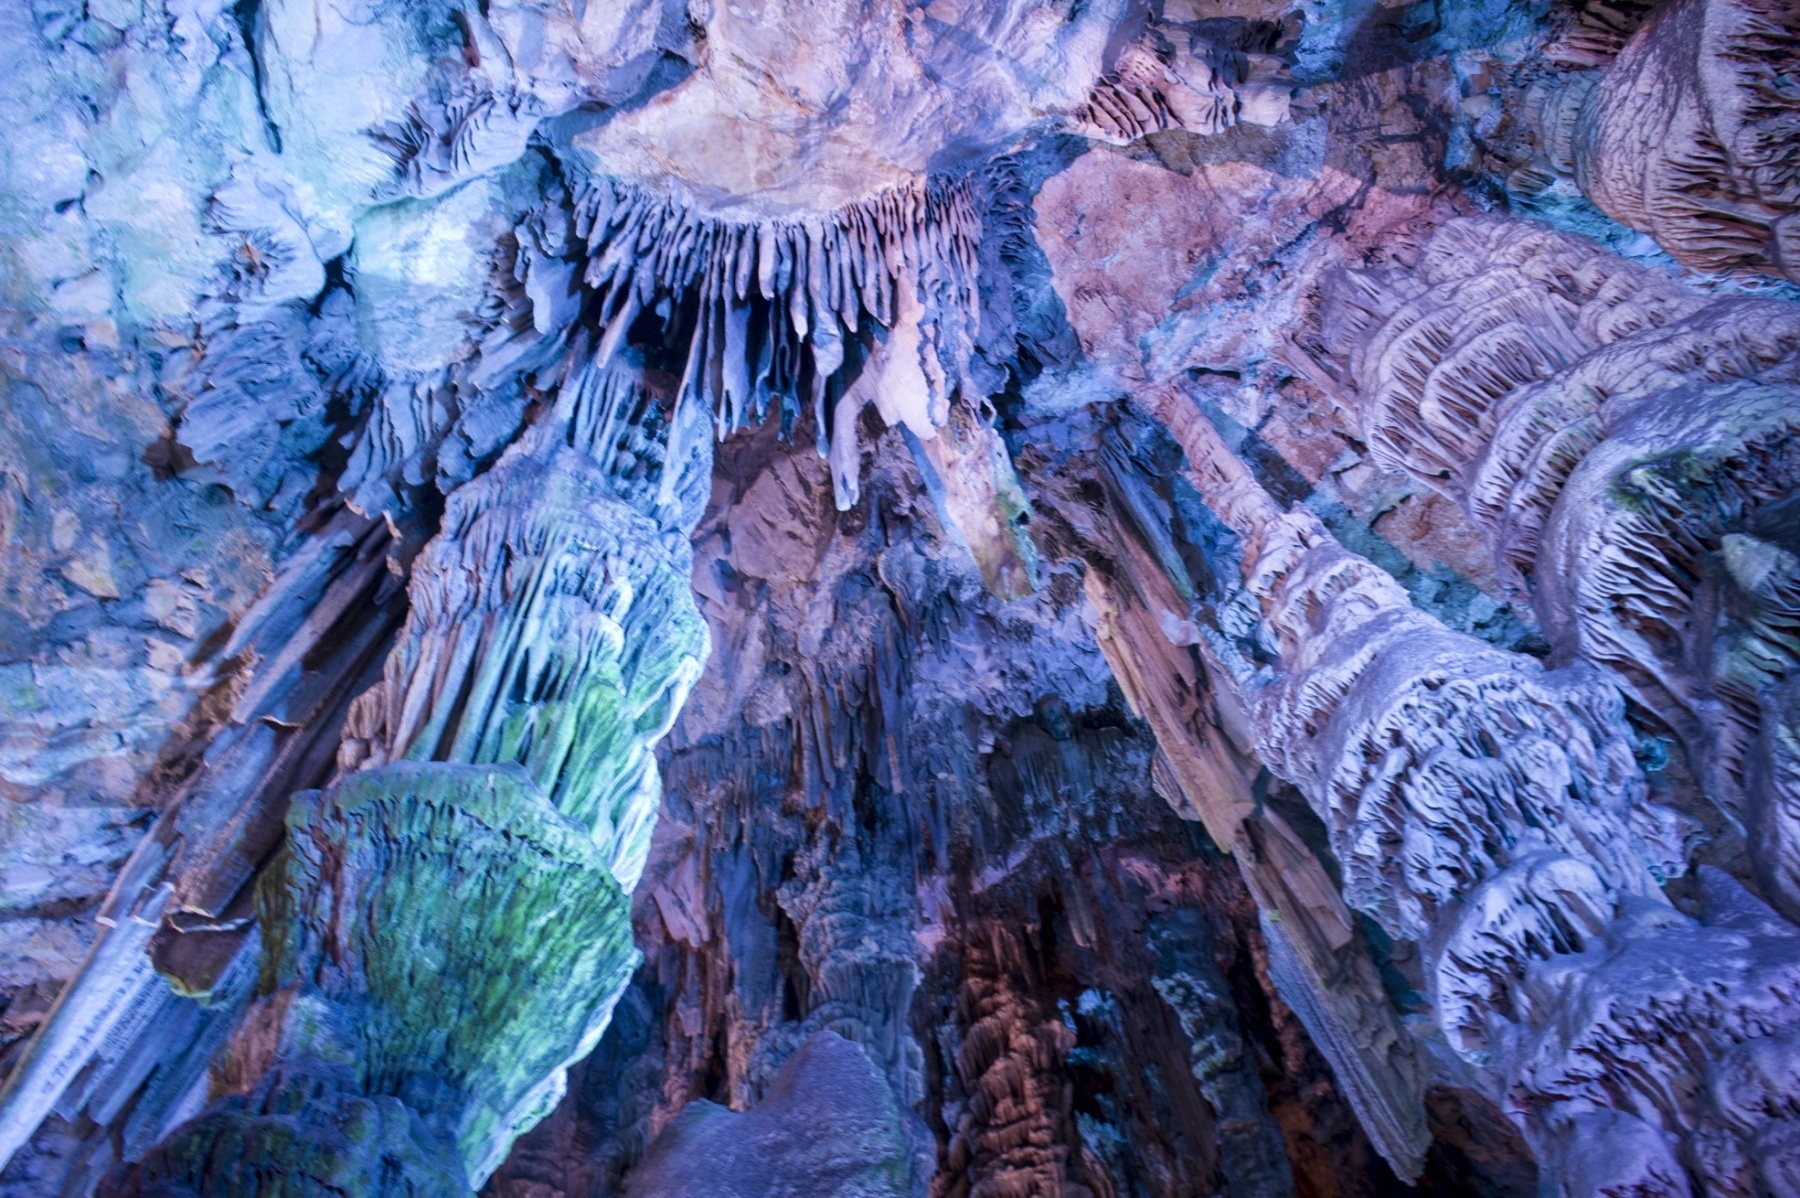 cueva-de-st-michael-gibraltar_22557797030_o